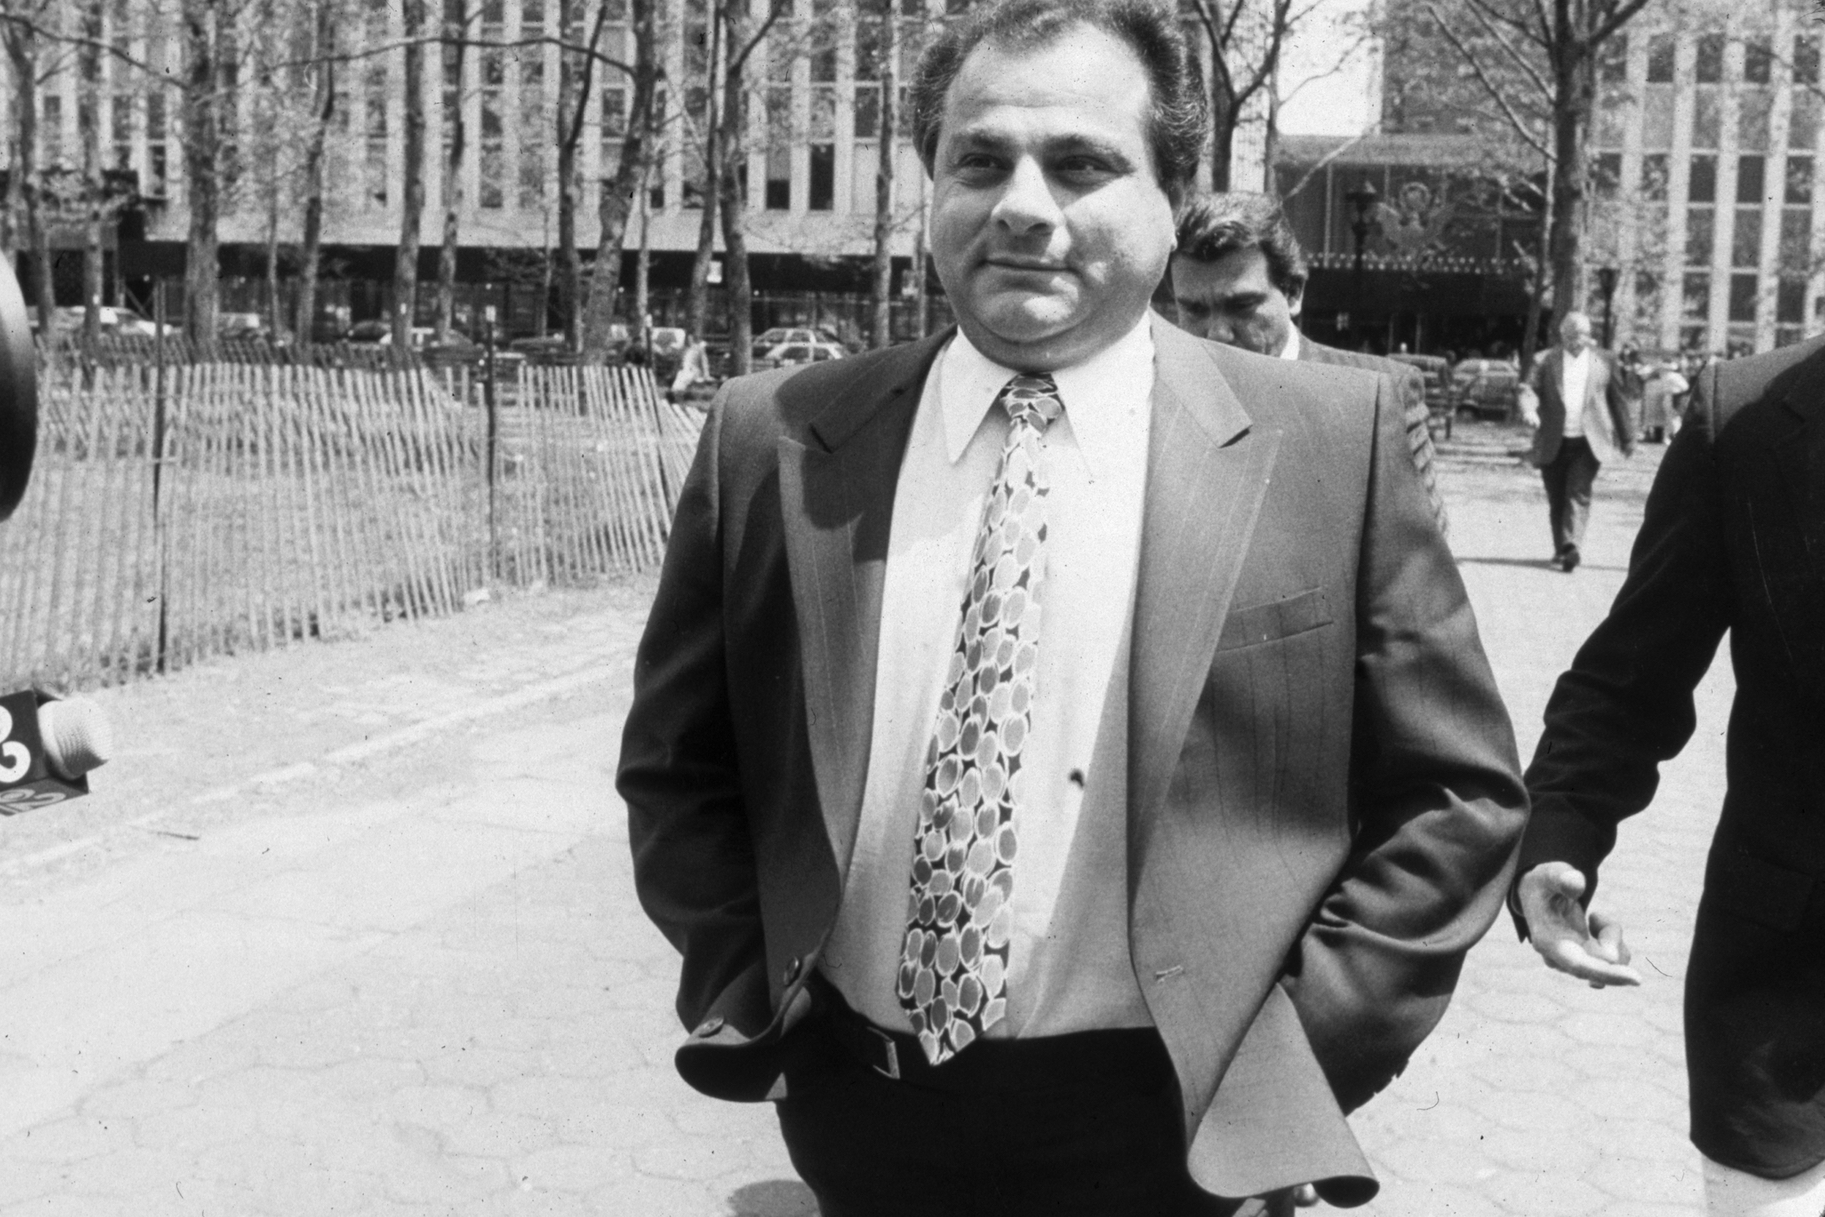 ג'ין גוטי, ממשפחת פשע ידועה לשמצה, מסיים 29 שנות מאסר